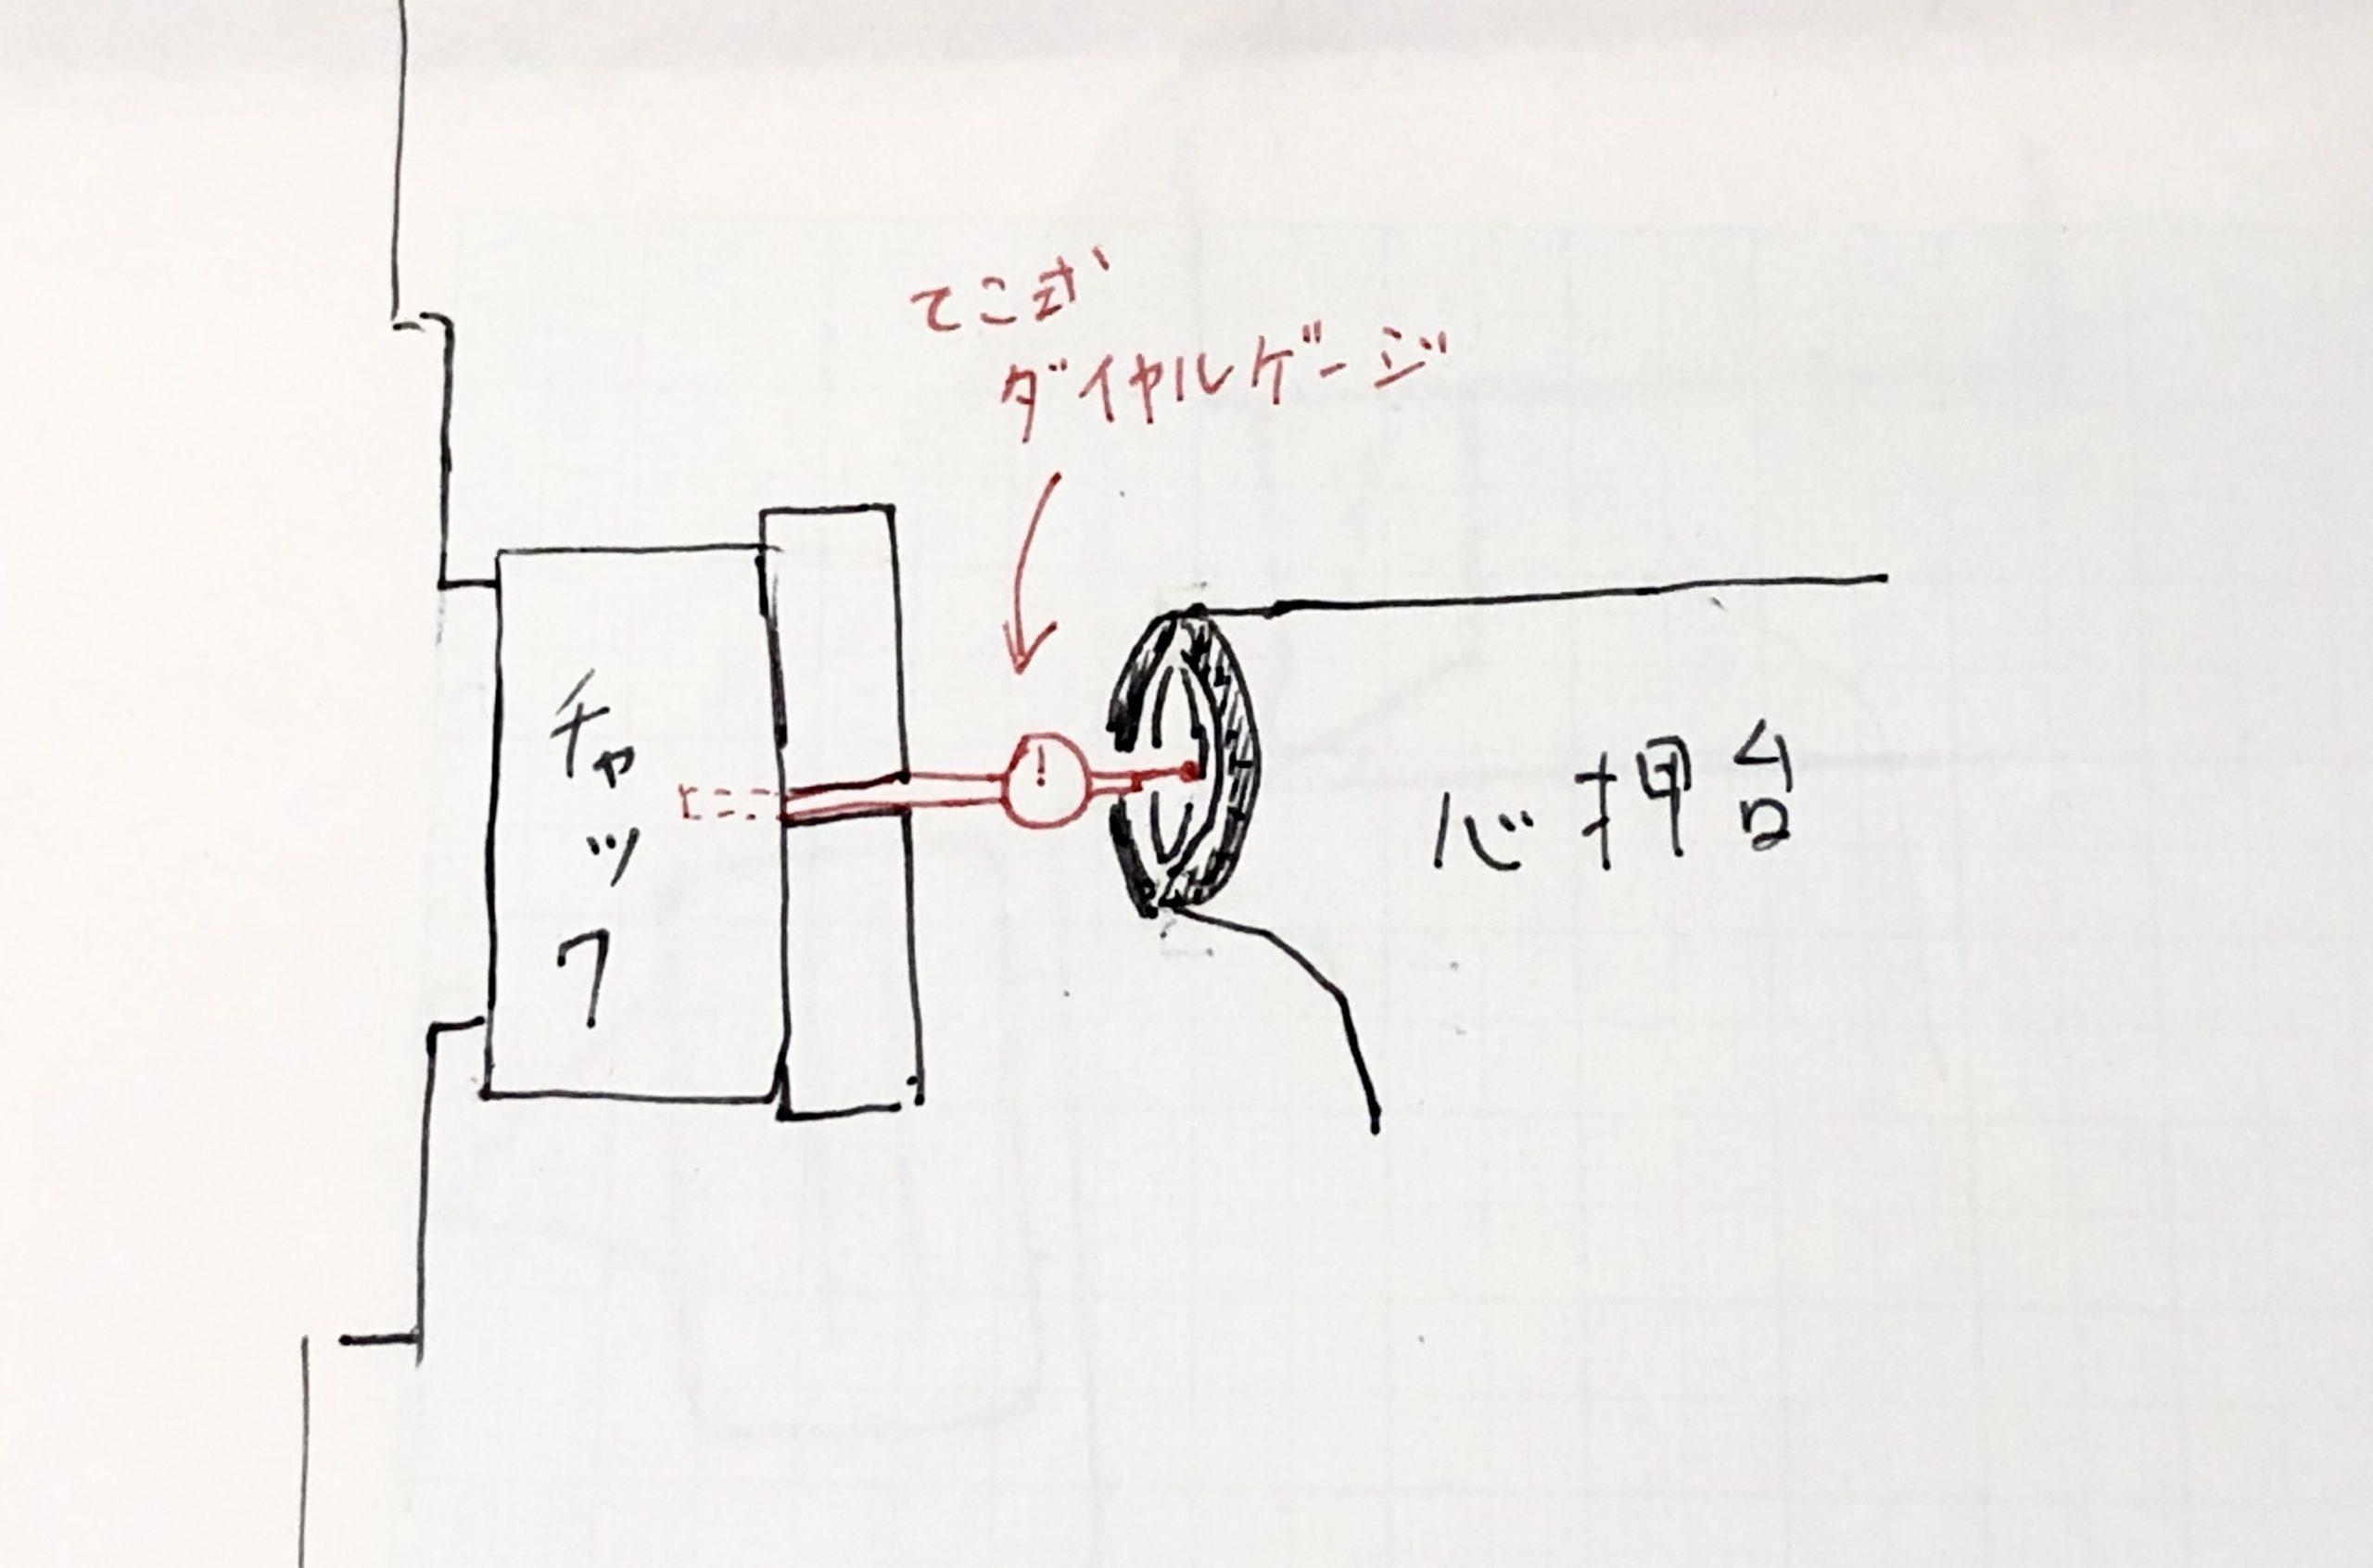 心押台の振れ測定